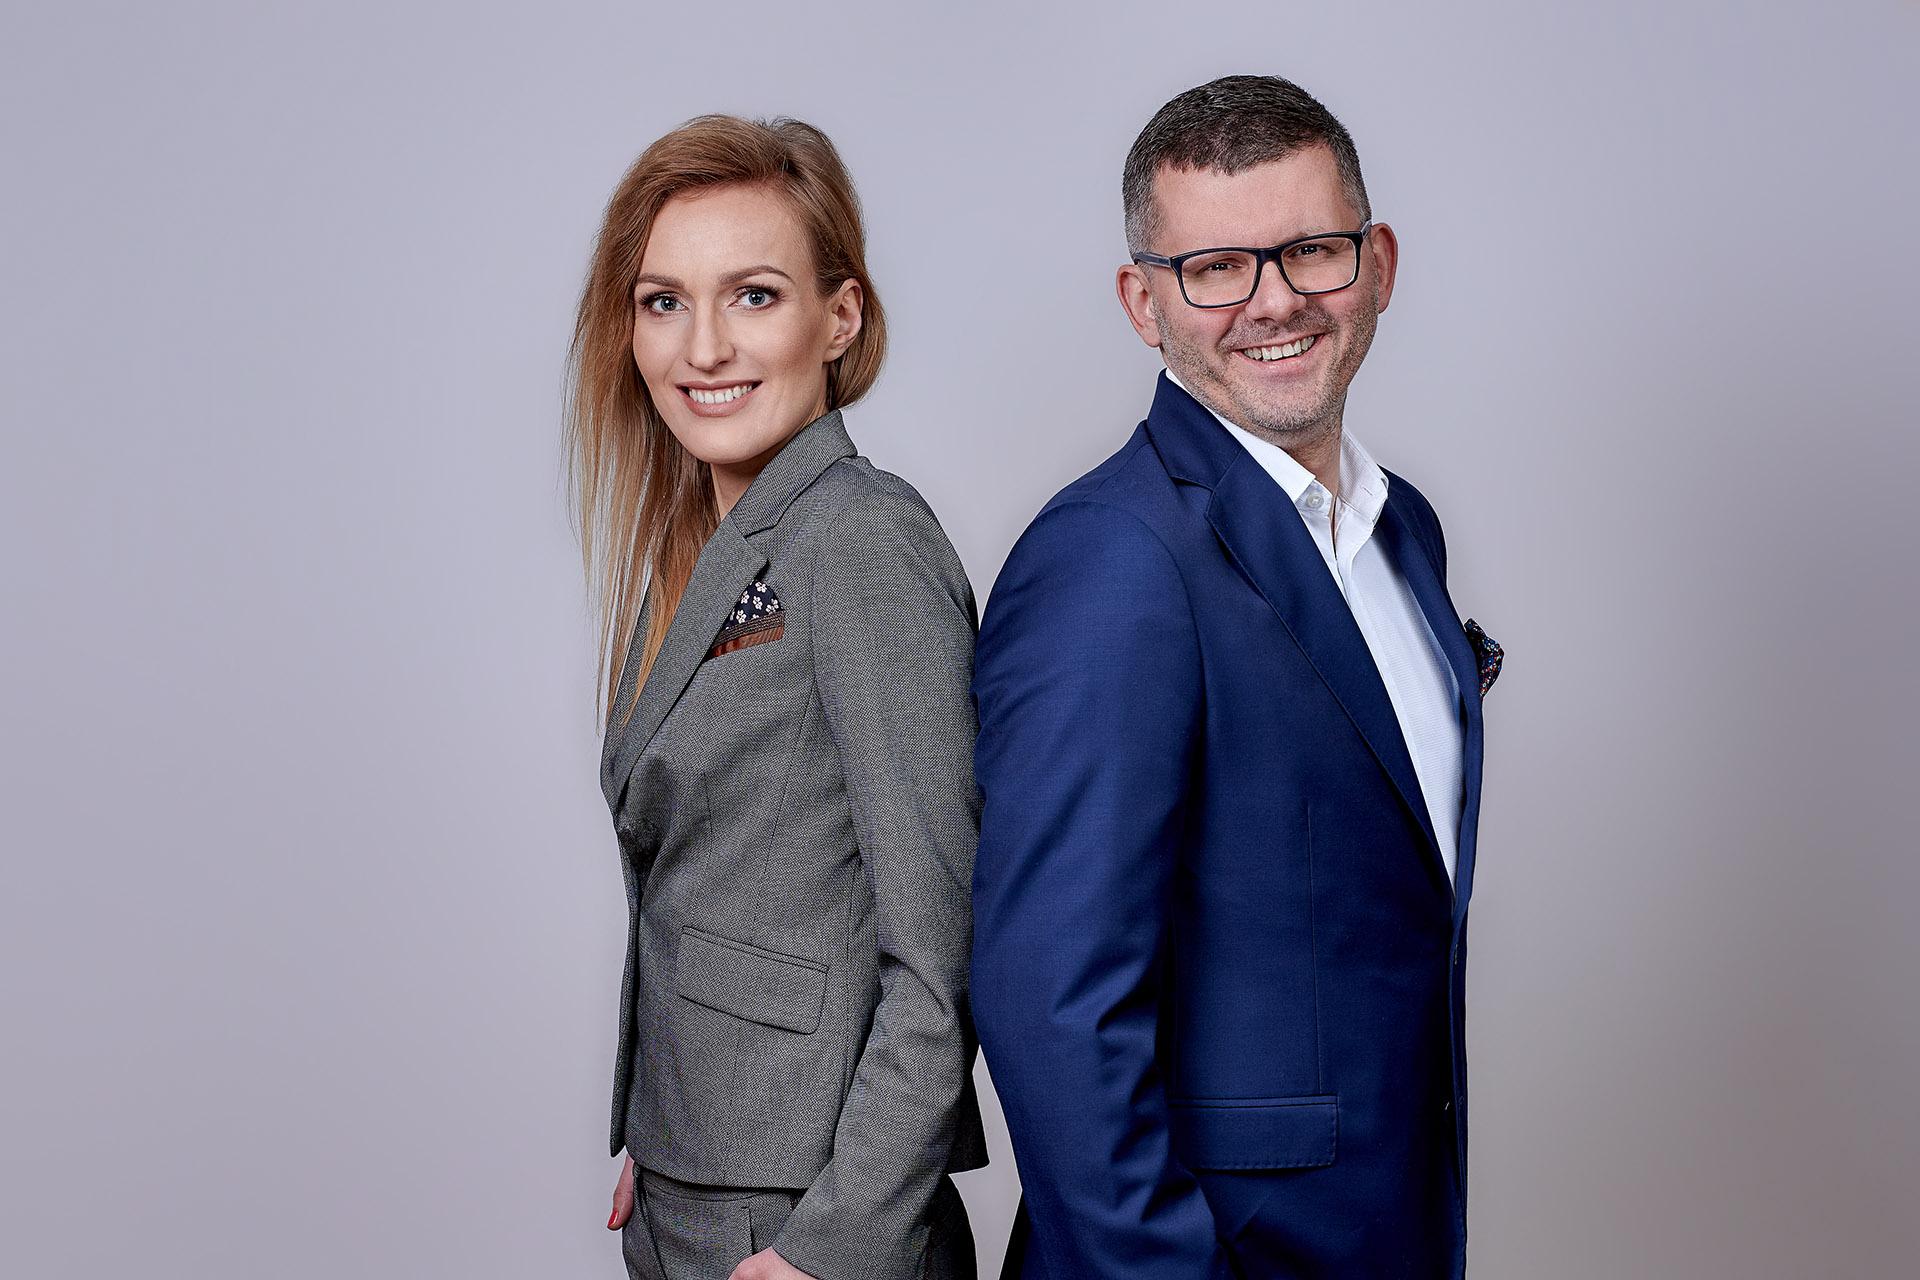 Magdalena Kittel i Marcin Zamojda, założyciele KZ Nieruchomości. Fot. KZ Nieruchomości